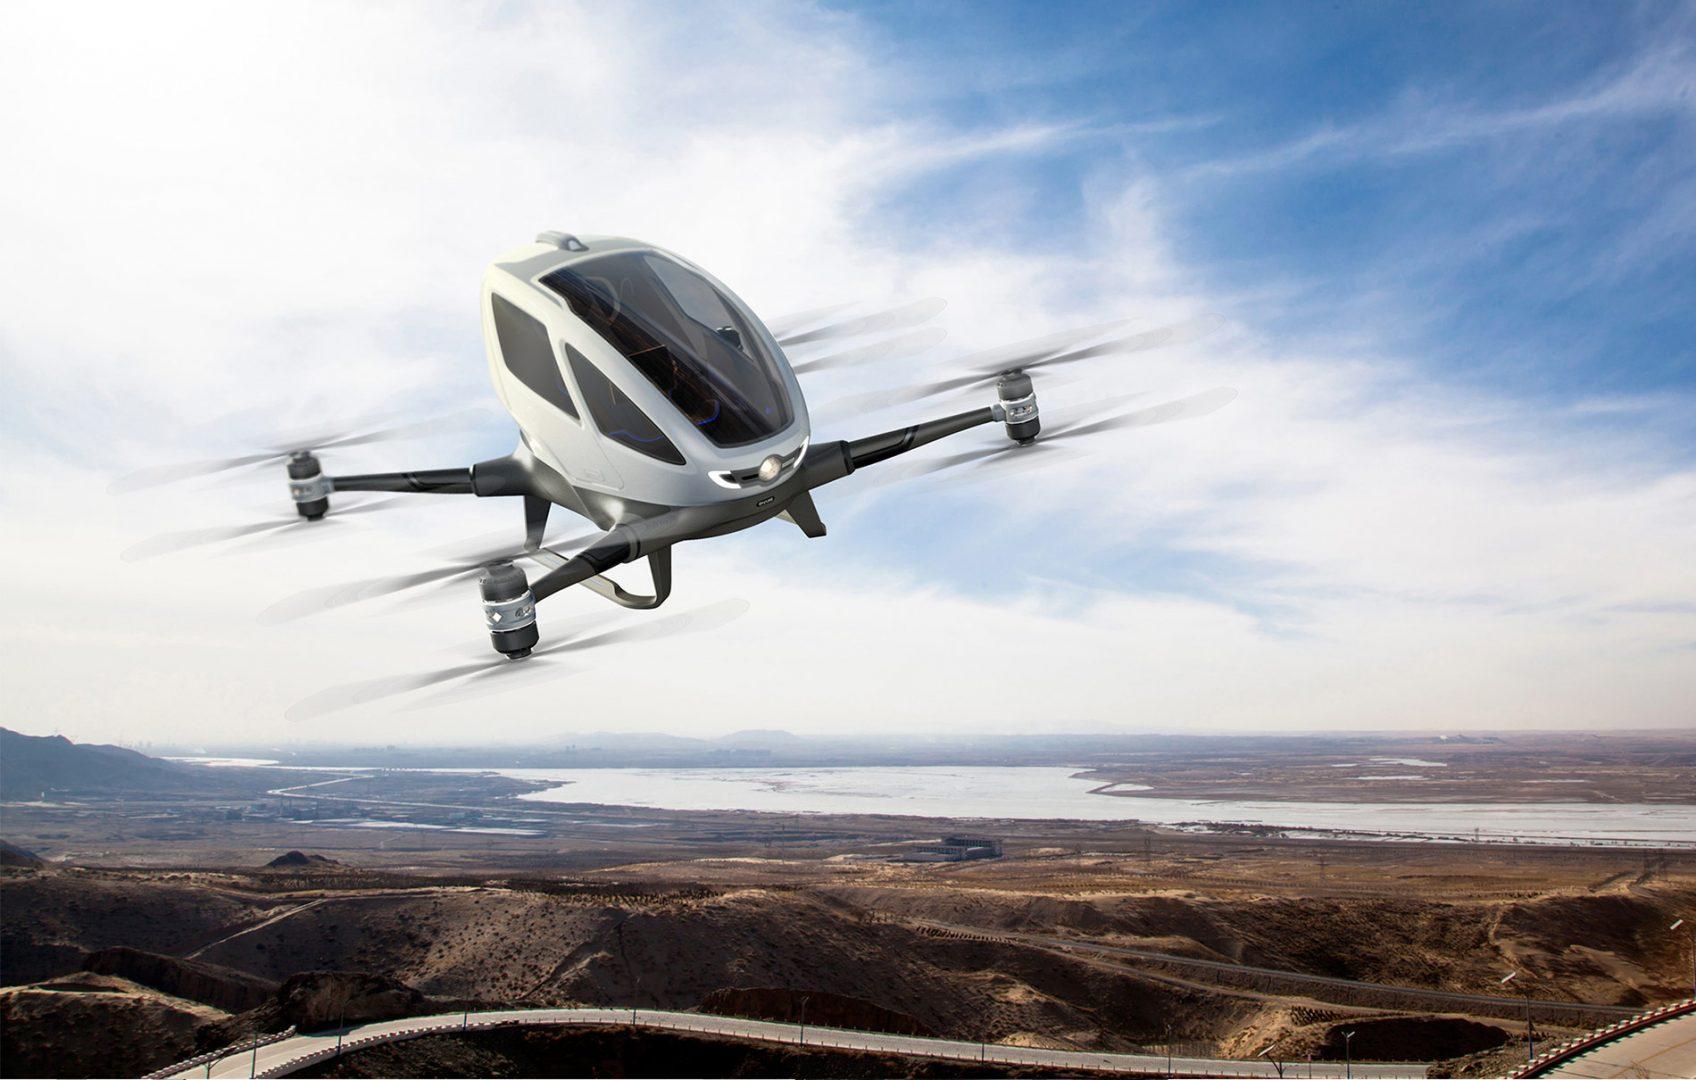 ehang-184-world-first-passenger-drone-gessato-7